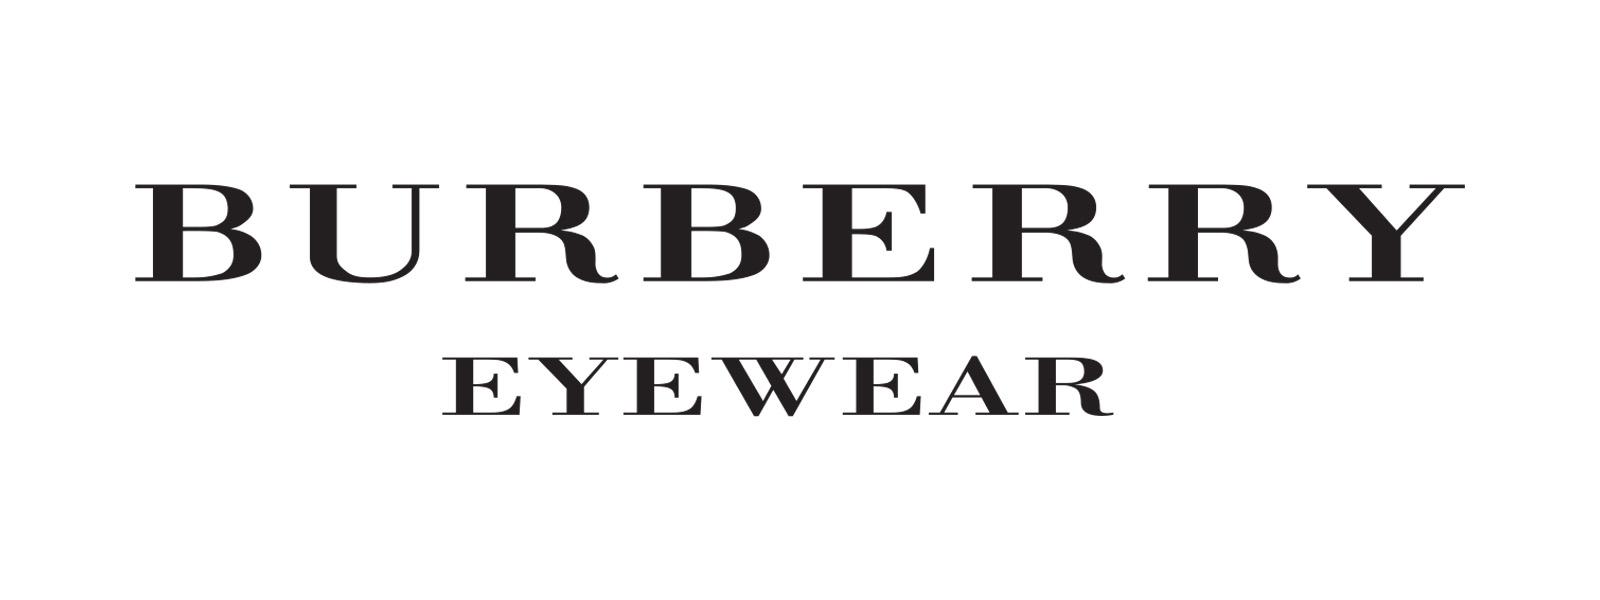 Burberry logo1600 600 2